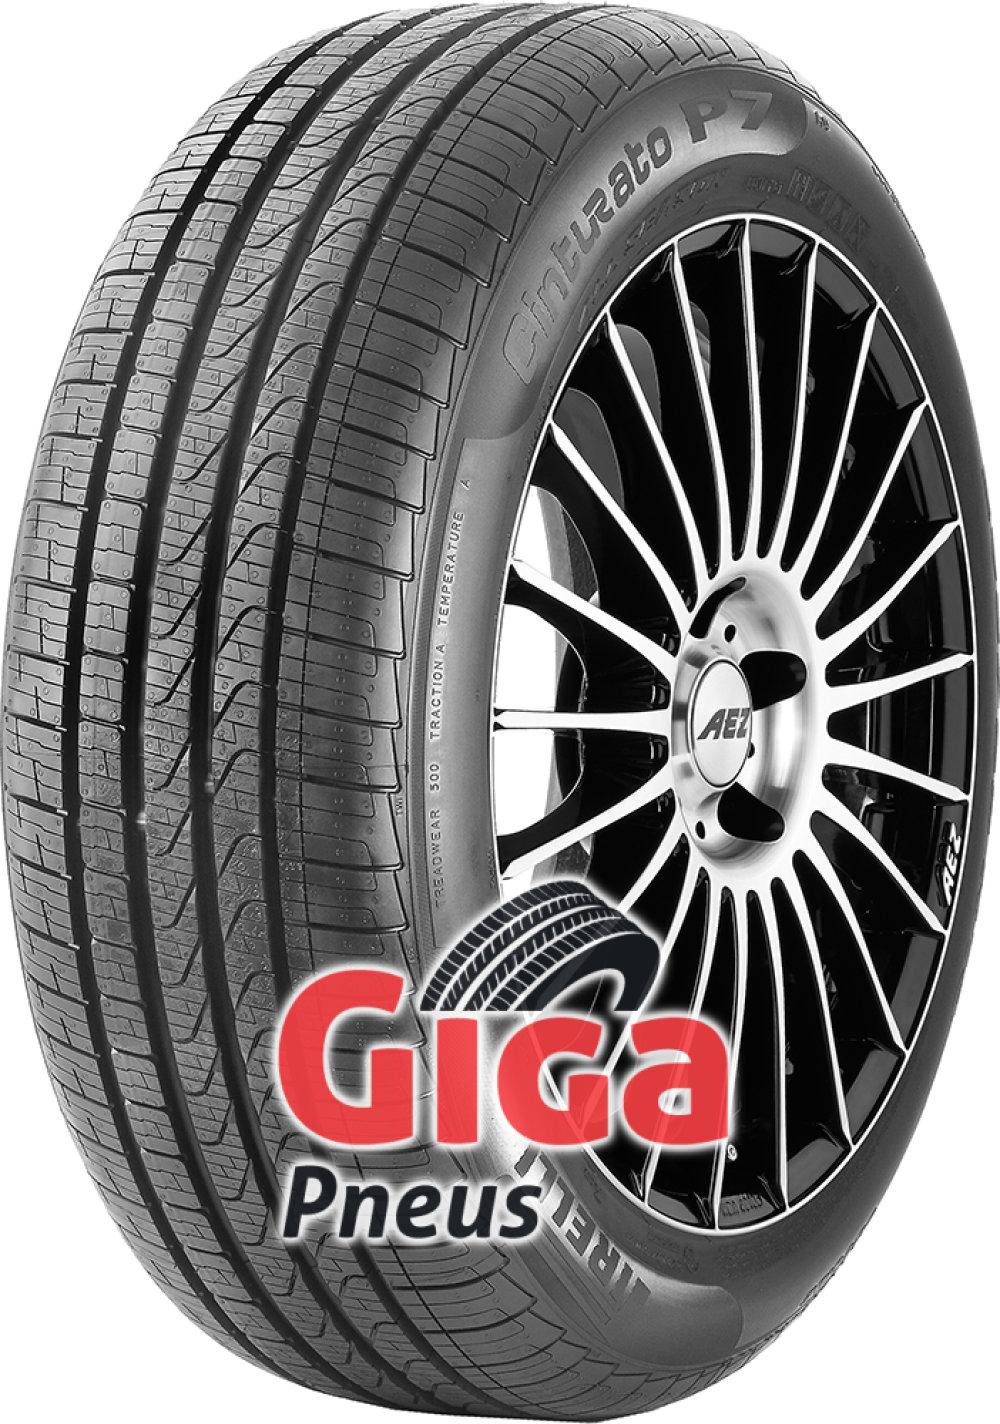 Pirelli Cinturato P7 A/S ( 275/35 R21 103V XL , N0 )